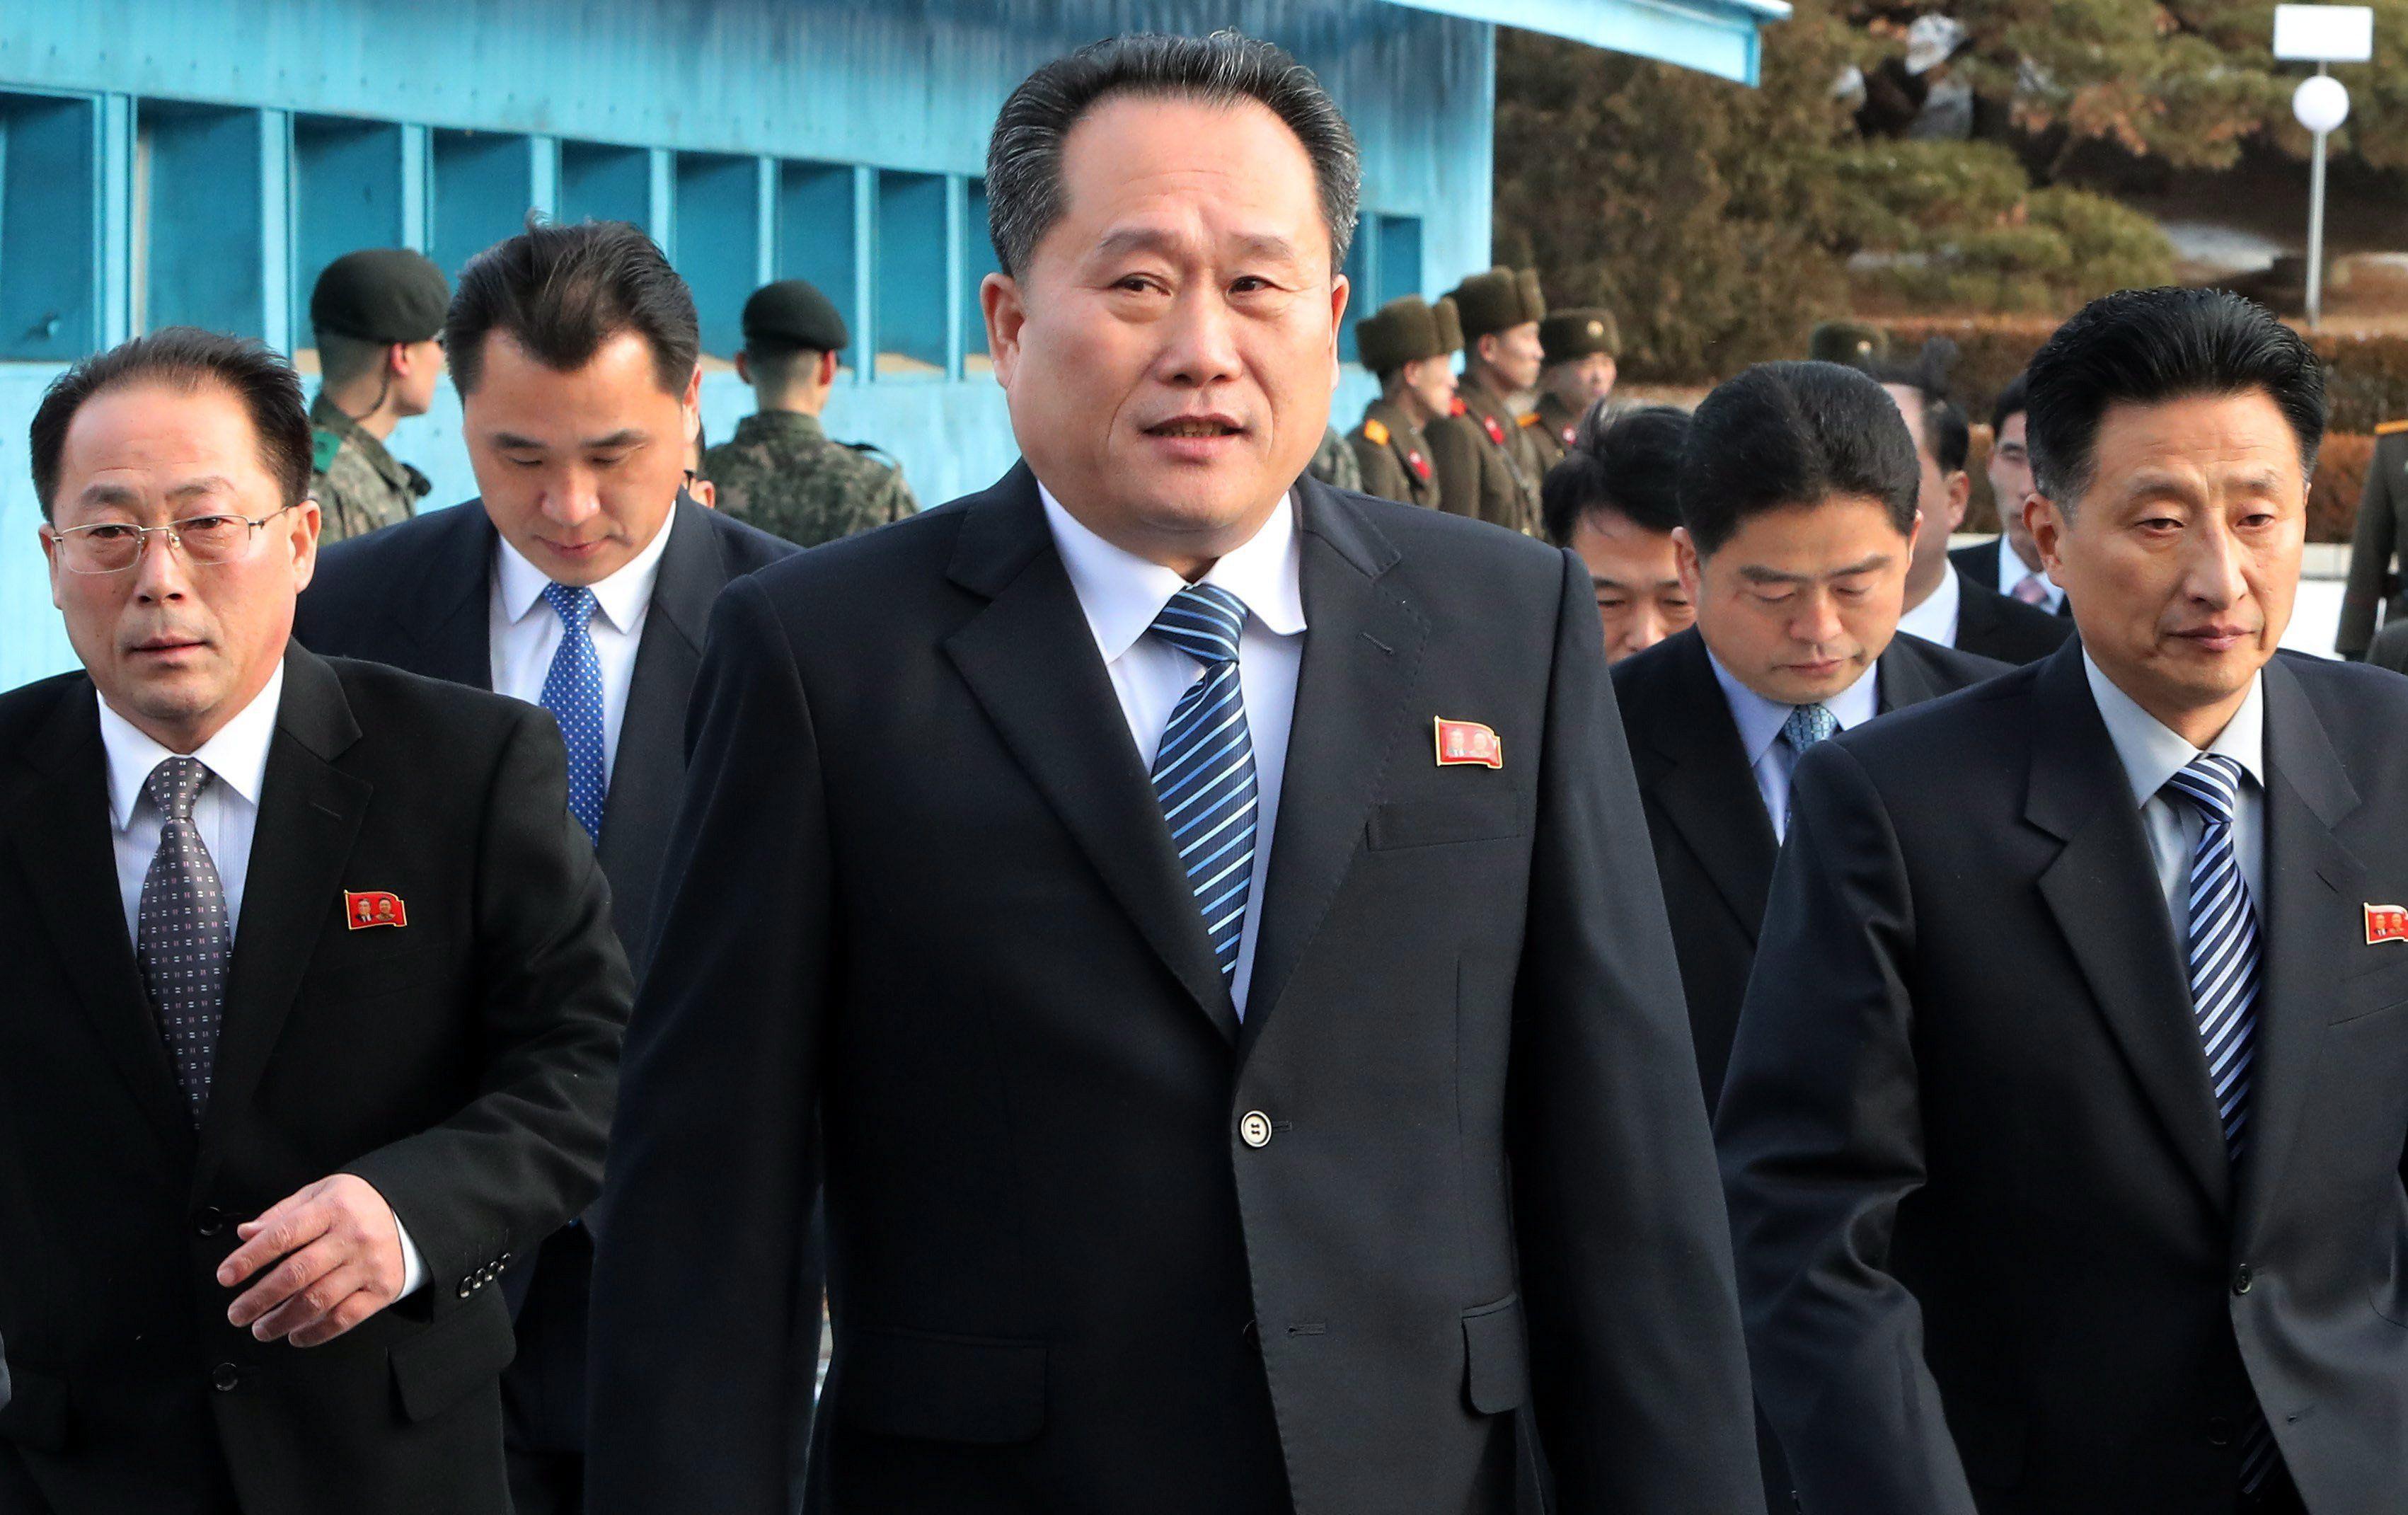 Panmindzson, 2018. január 9. Li Szon Gvon, az észak-koreai delegáció vezetője (k) érkezik a februári dél-koreai téli olimpián való észak-koreai részvételről tartott tárgyalásra a két Koreát elválasztó panmindzsoni demilitarizált övezet dél-koreai oldalán levő Béke Házába. Phenjan megállapodott a dél-koreai küldöttséggel, hogy sportolókat, magas rangú tisztviselőket és szurkolókat küld a téli olimpiára. A megbeszélés több mint két éve az első hivatalos találkozó a két ország között. (MTI/EPA pool/Korea)